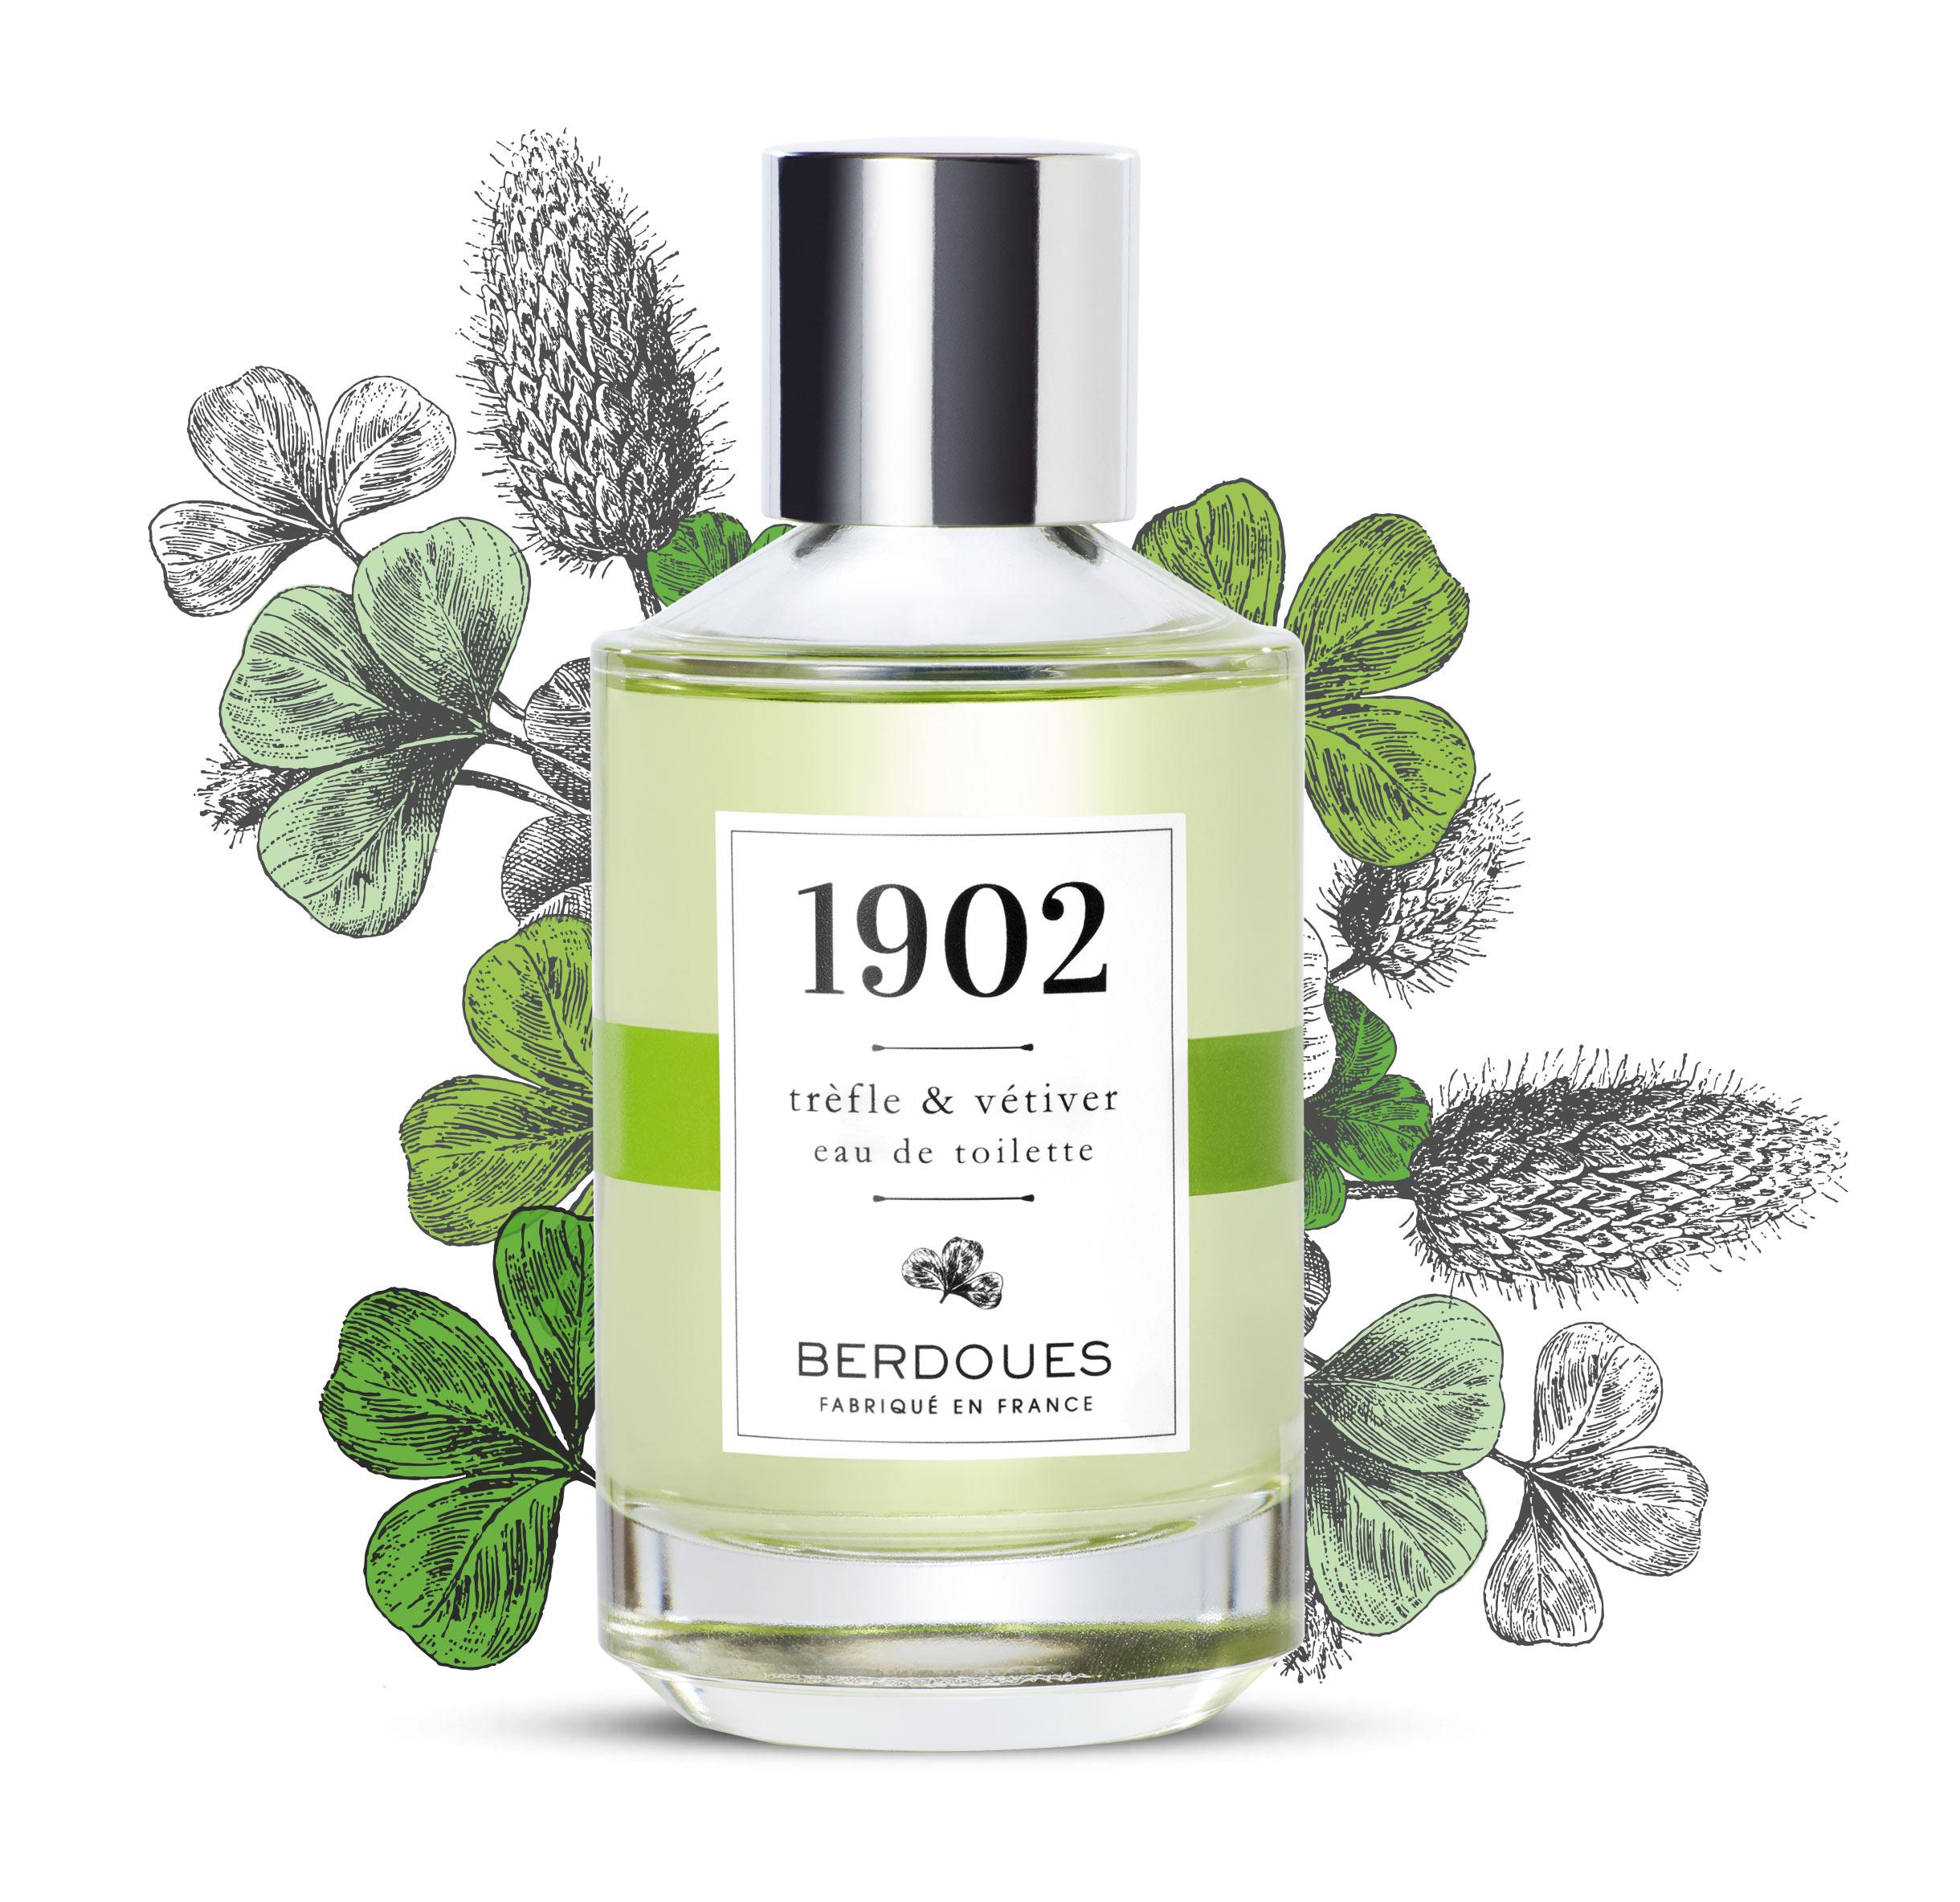 trefle vetiver parfums berdoues parfum un nouveau parfum pour homme et femme 2017. Black Bedroom Furniture Sets. Home Design Ideas